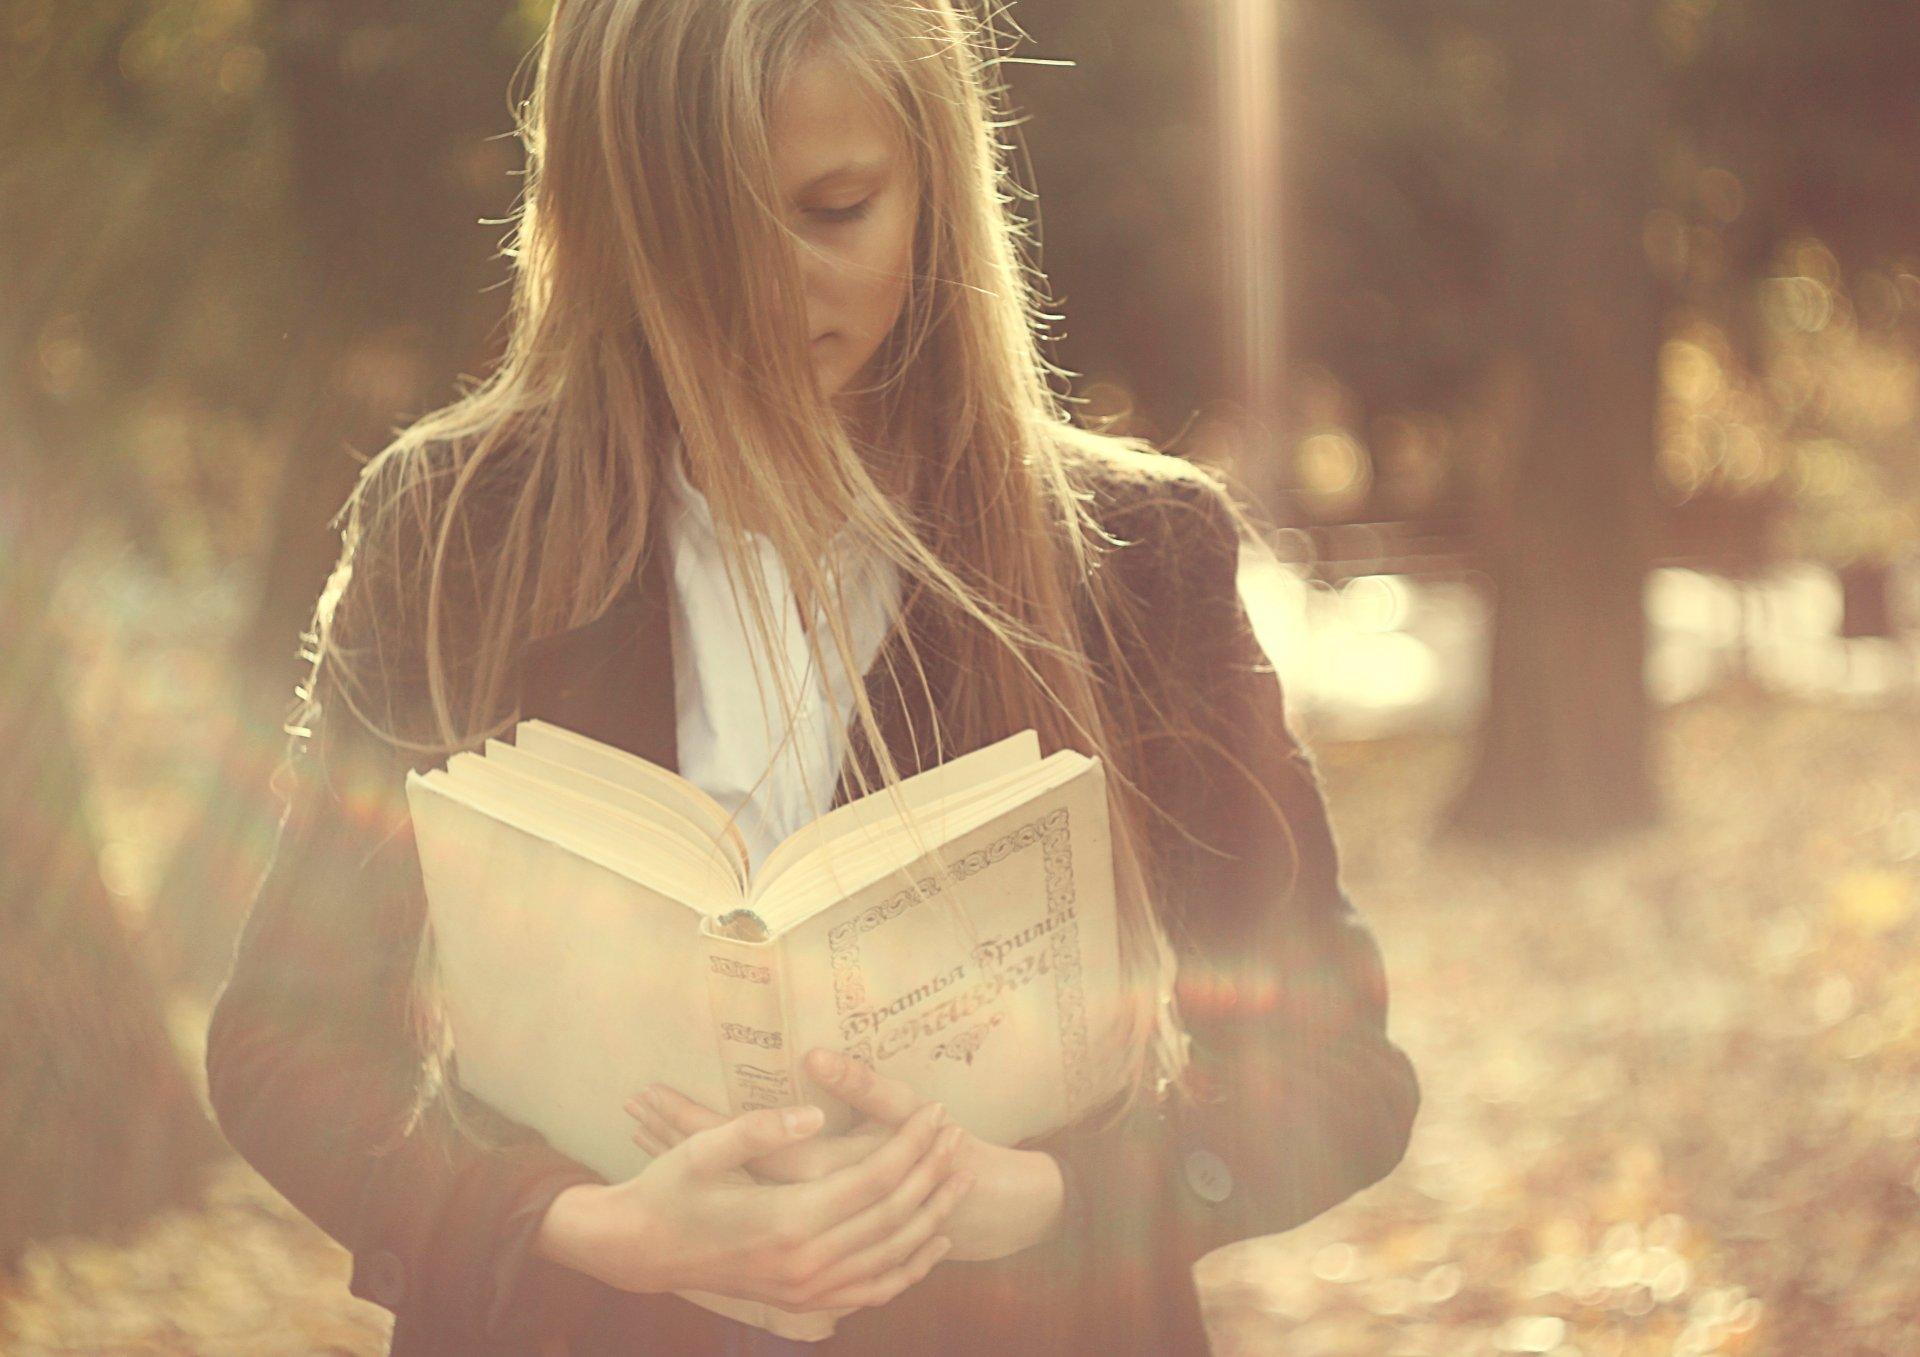 смысл фотографии книги всего